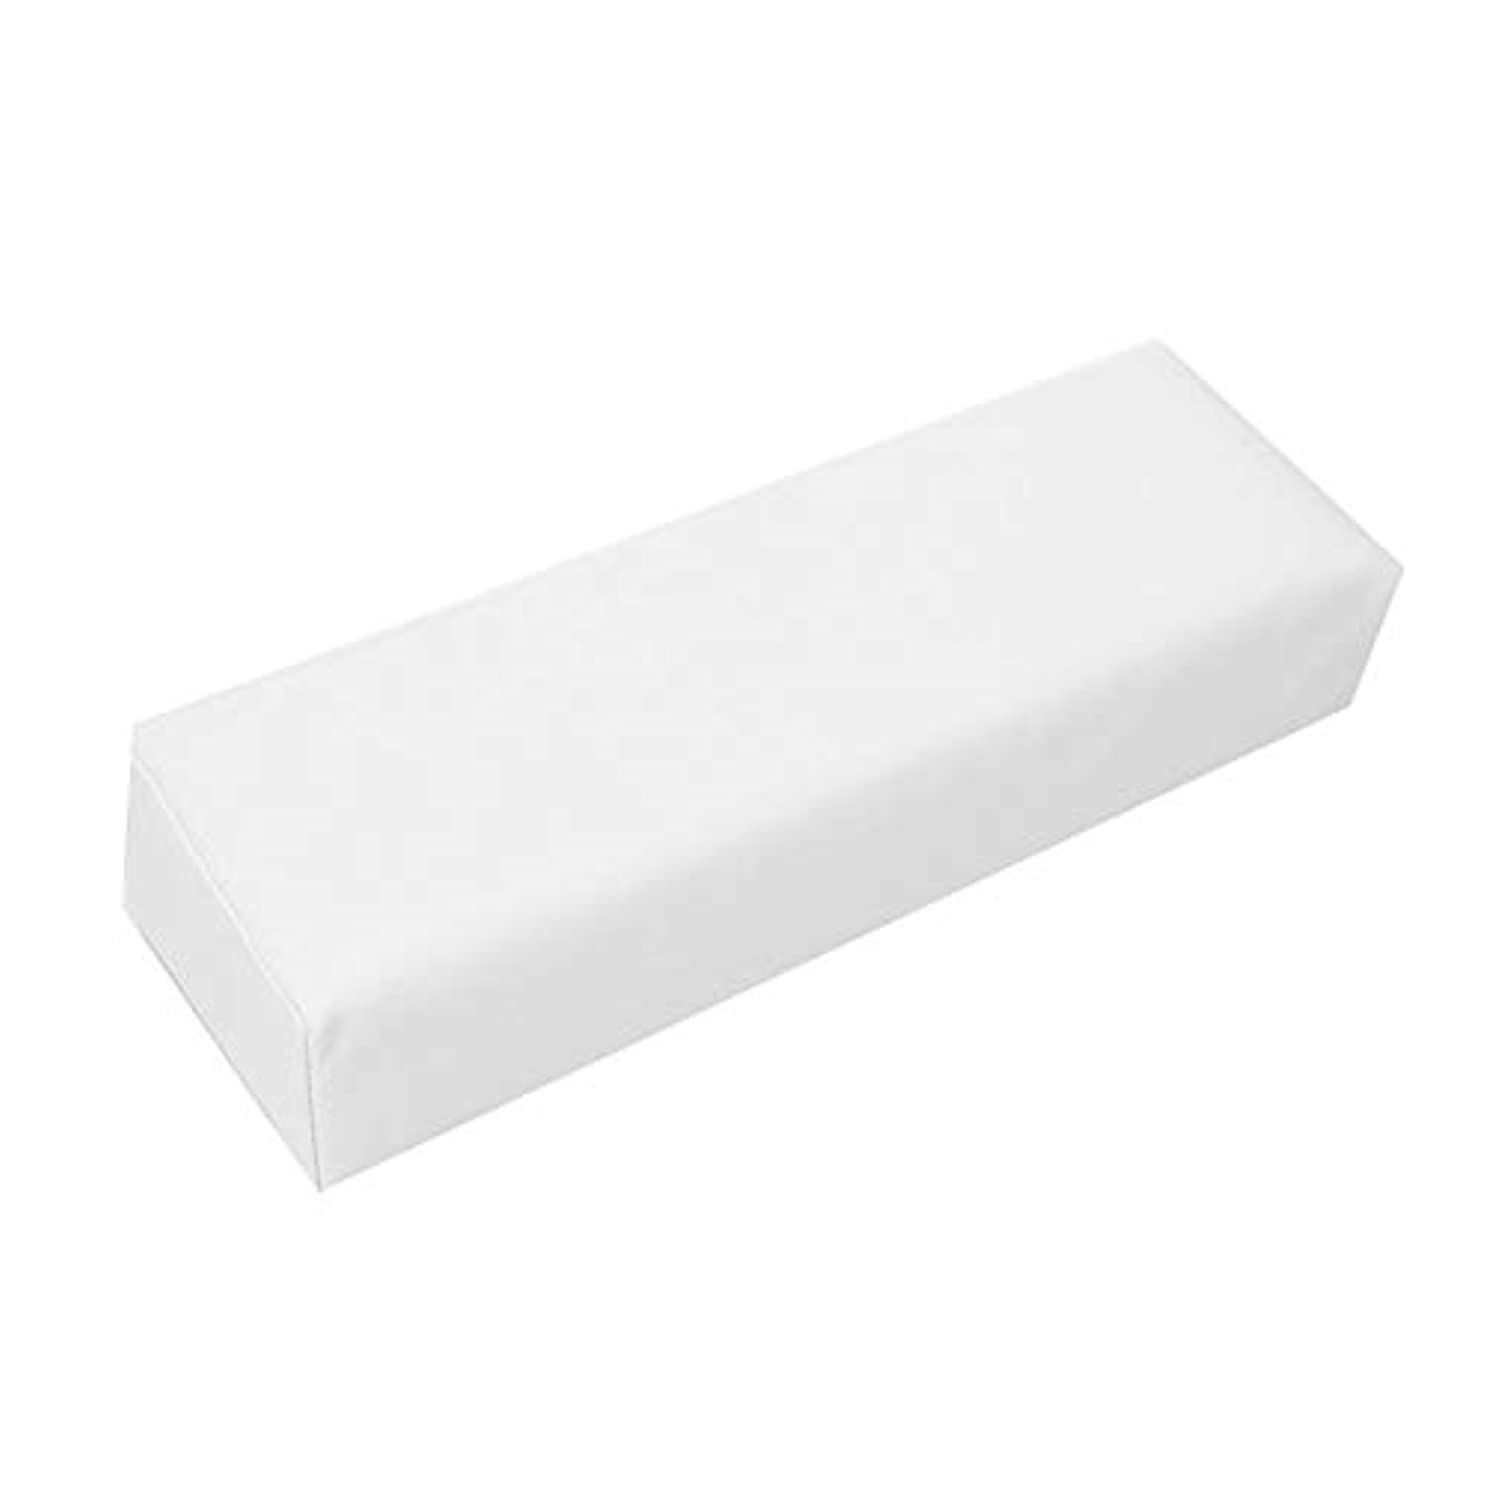 スリーブミスペンド大理石dootiネイル用アームレスト 人工レザー 清潔容易 手をサポート 練習用にも 高弾性な充填物 美容院 美容室 ネイルサロン 理容室に適用(ホワイト)